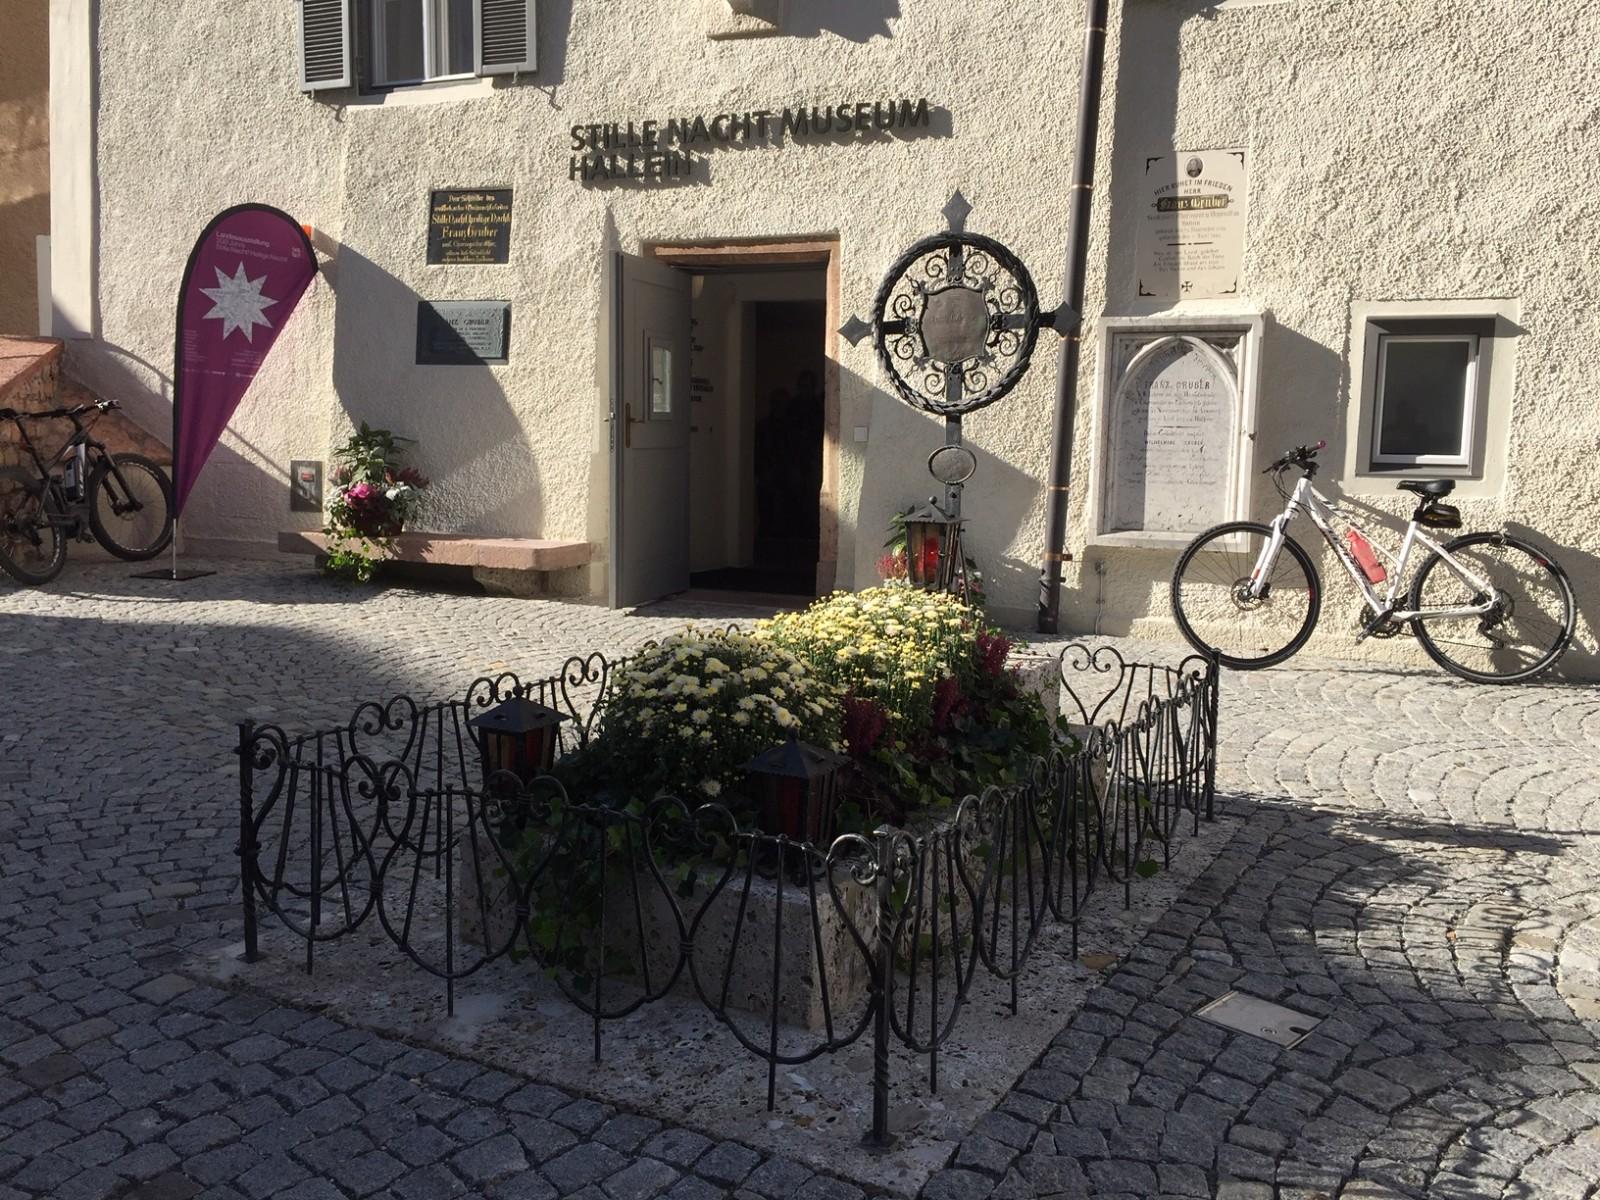 Stille Nacht Museum mit Gruber Grab